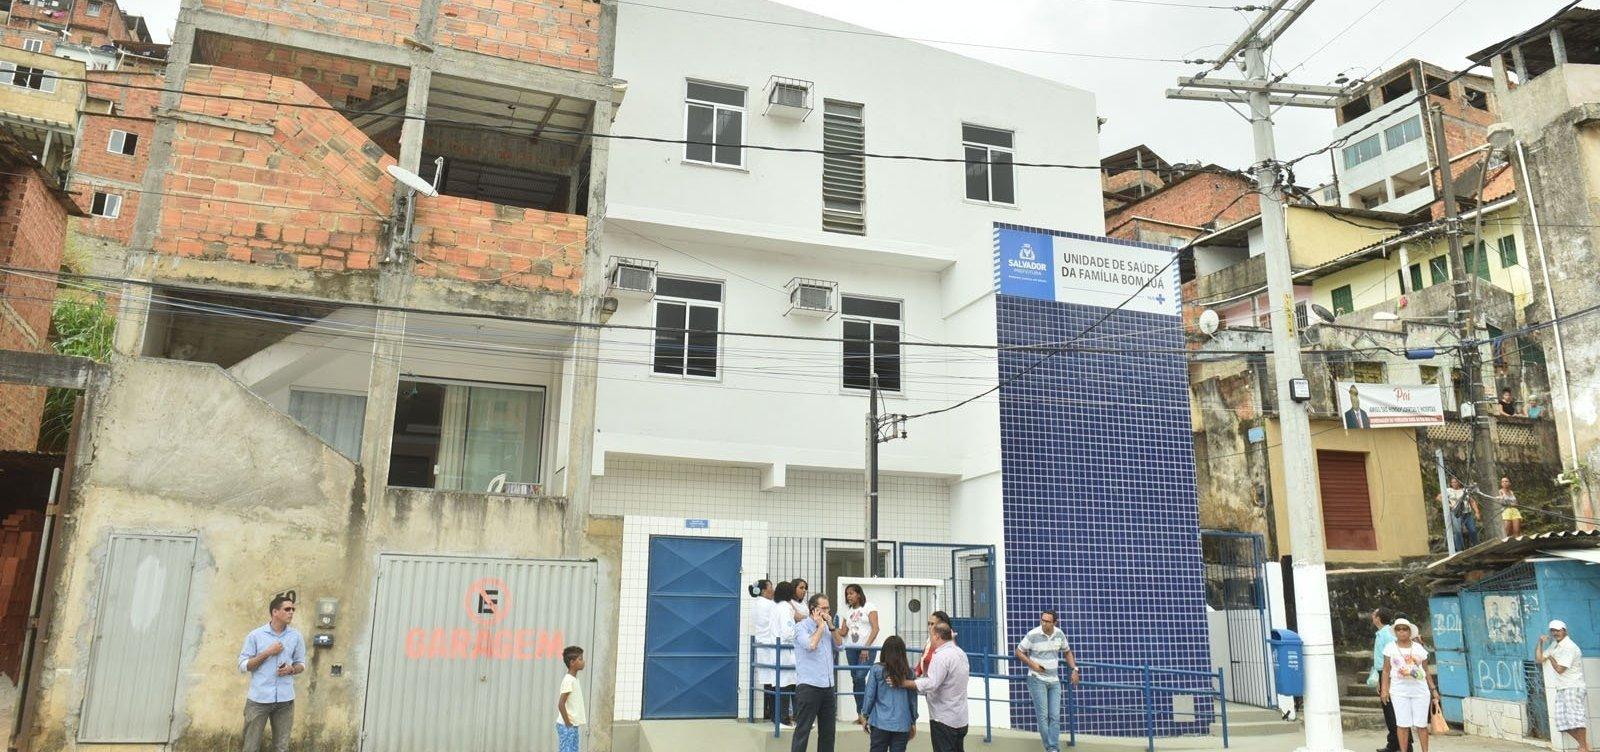 Após chuvas, atendimento é suspenso em seis postos de saúde de Salvador